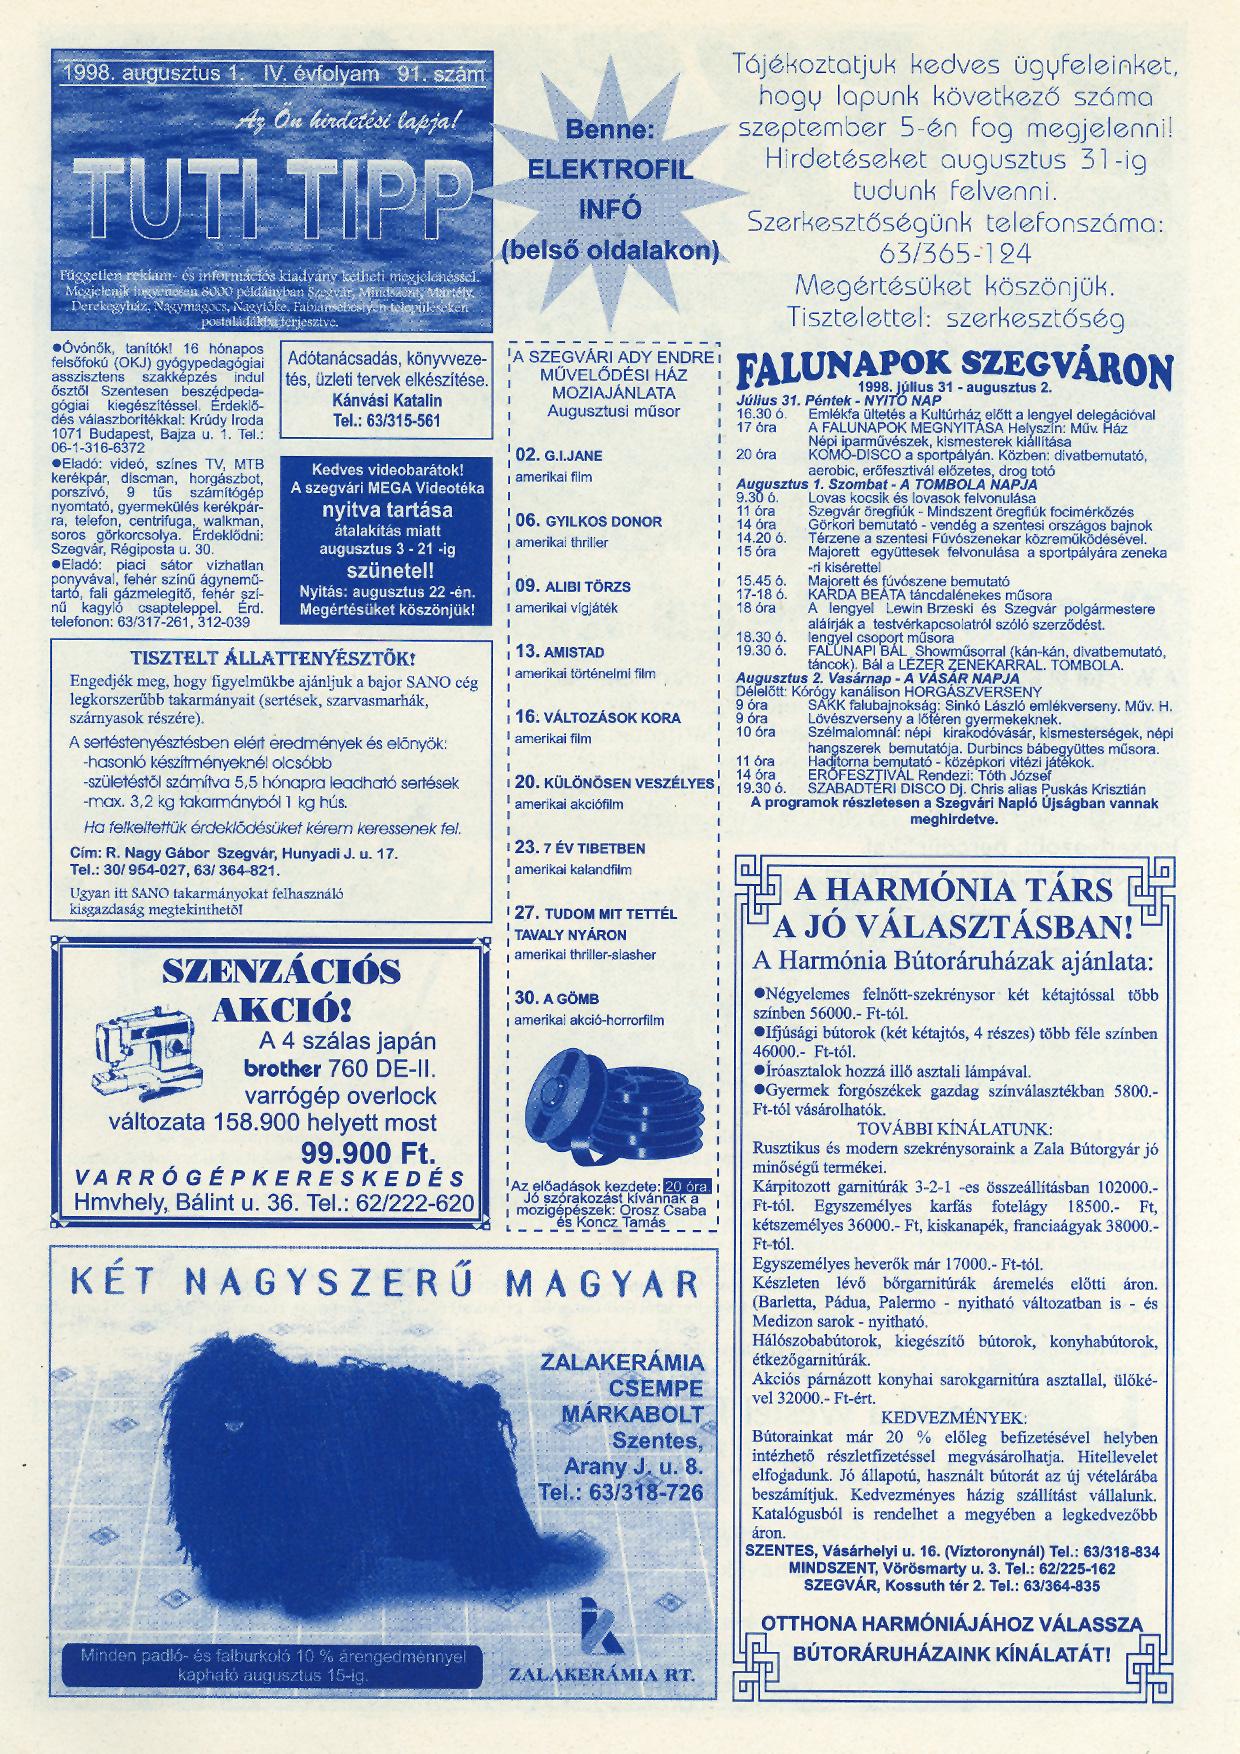 033 Tuti Tipp reklámújság - 19980801-091. lapszám - 1.oldal - IV. évfolyam.jpg